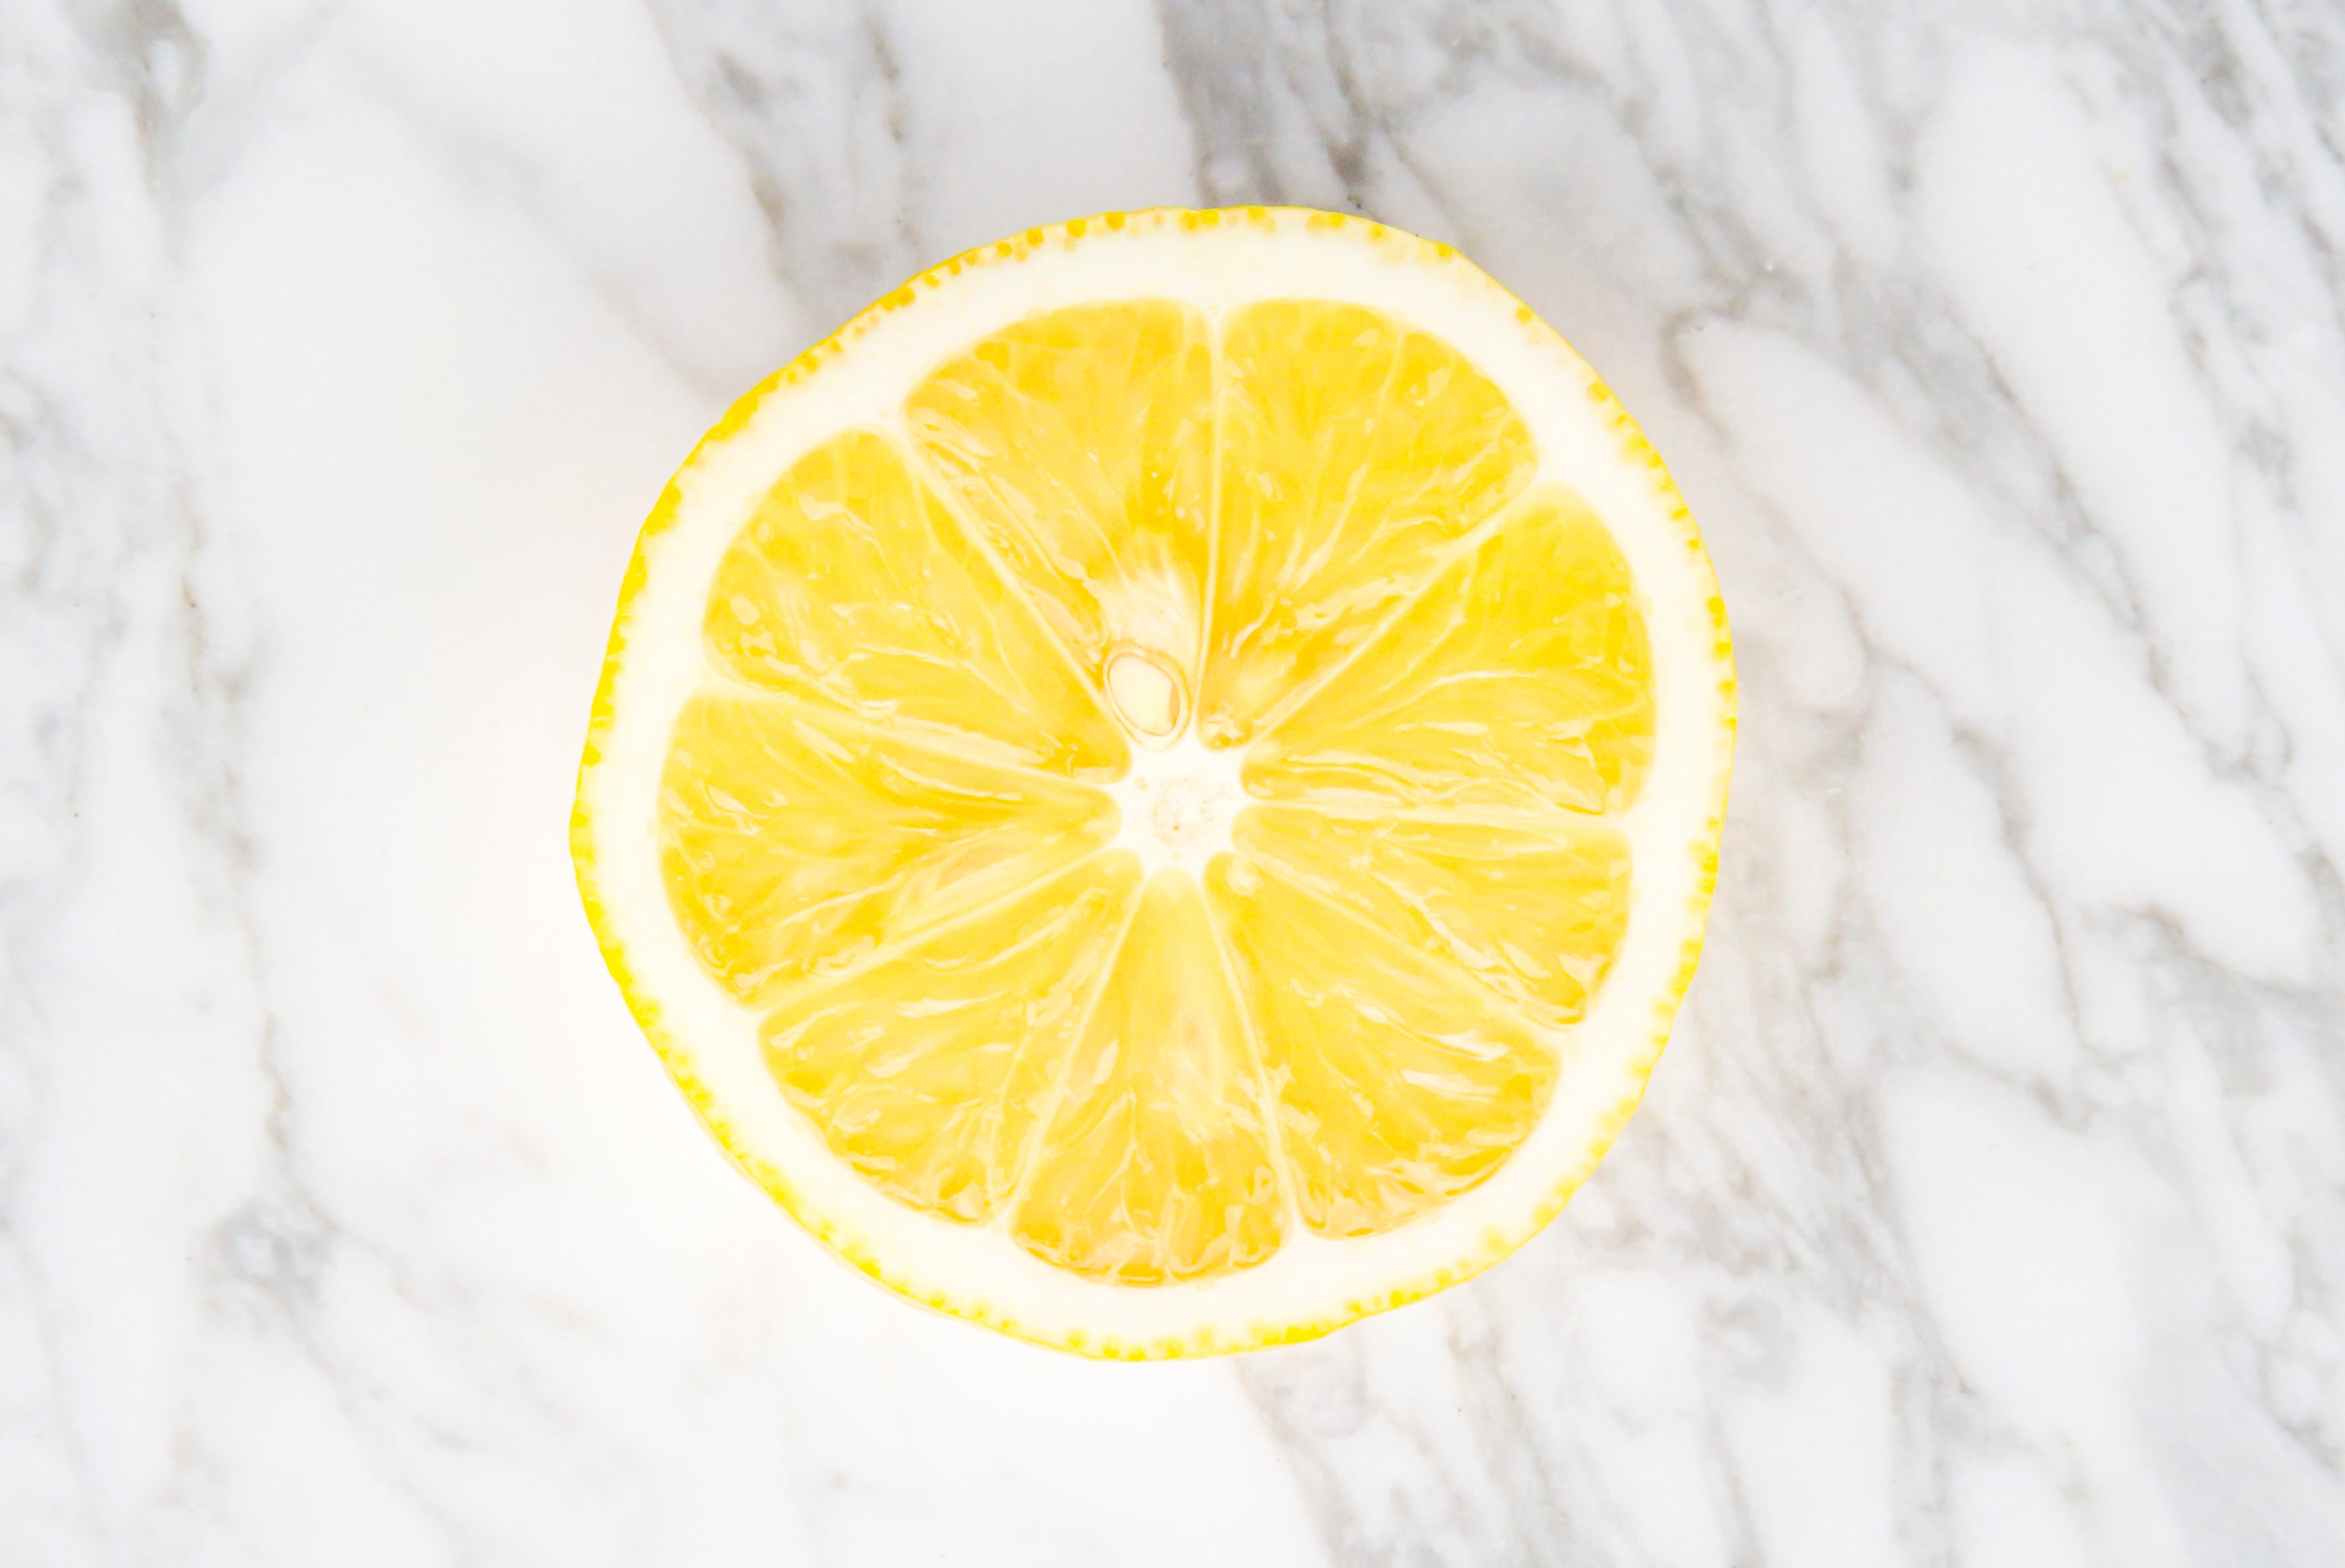 Lemon on gray marble